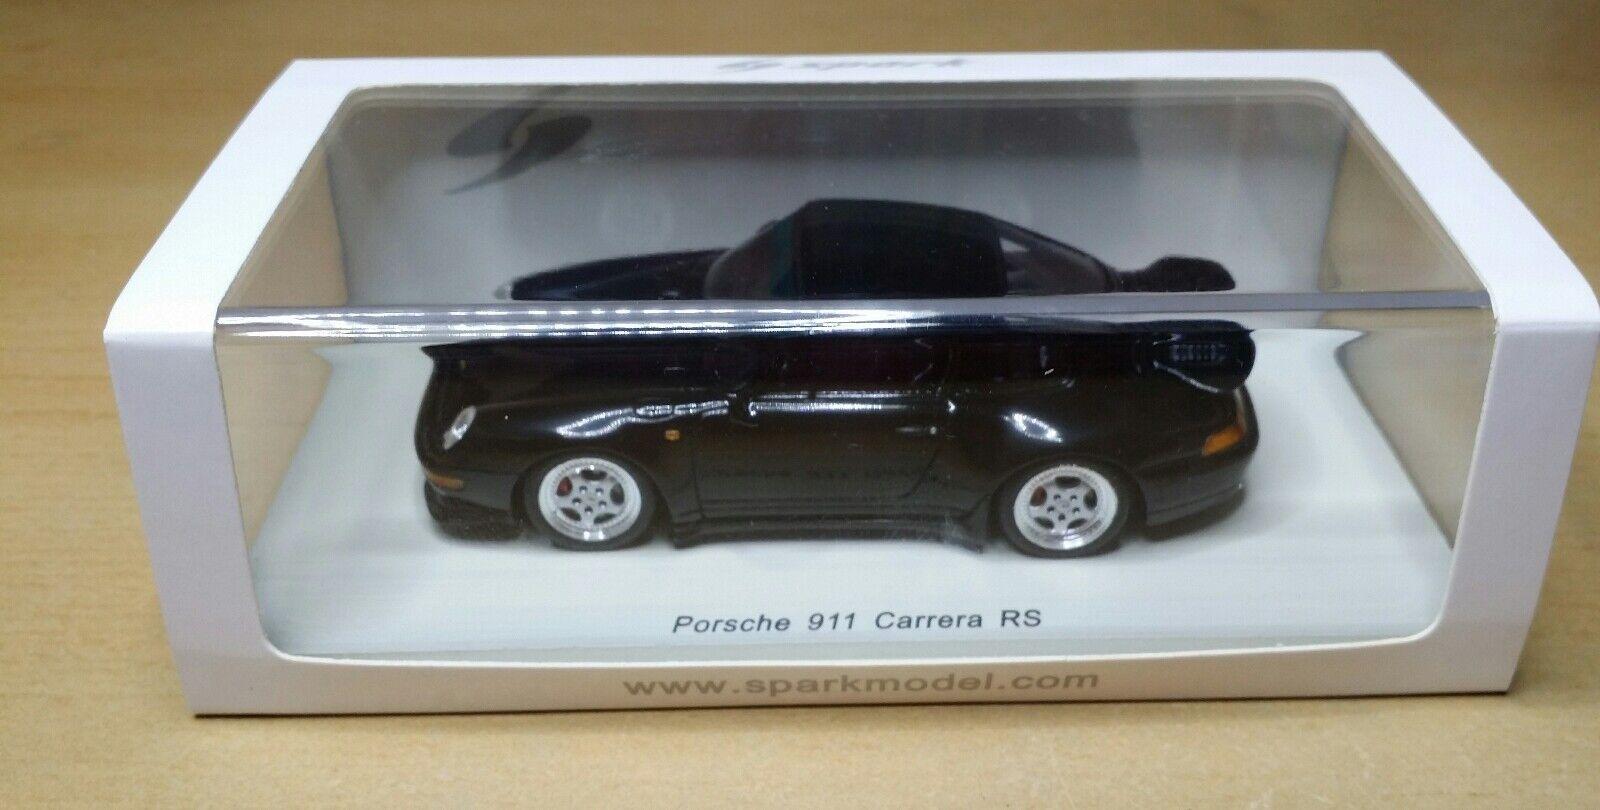 PORSCHE 911 (993) CARRERA RS  1 43 SPARK  ETAT NEUF